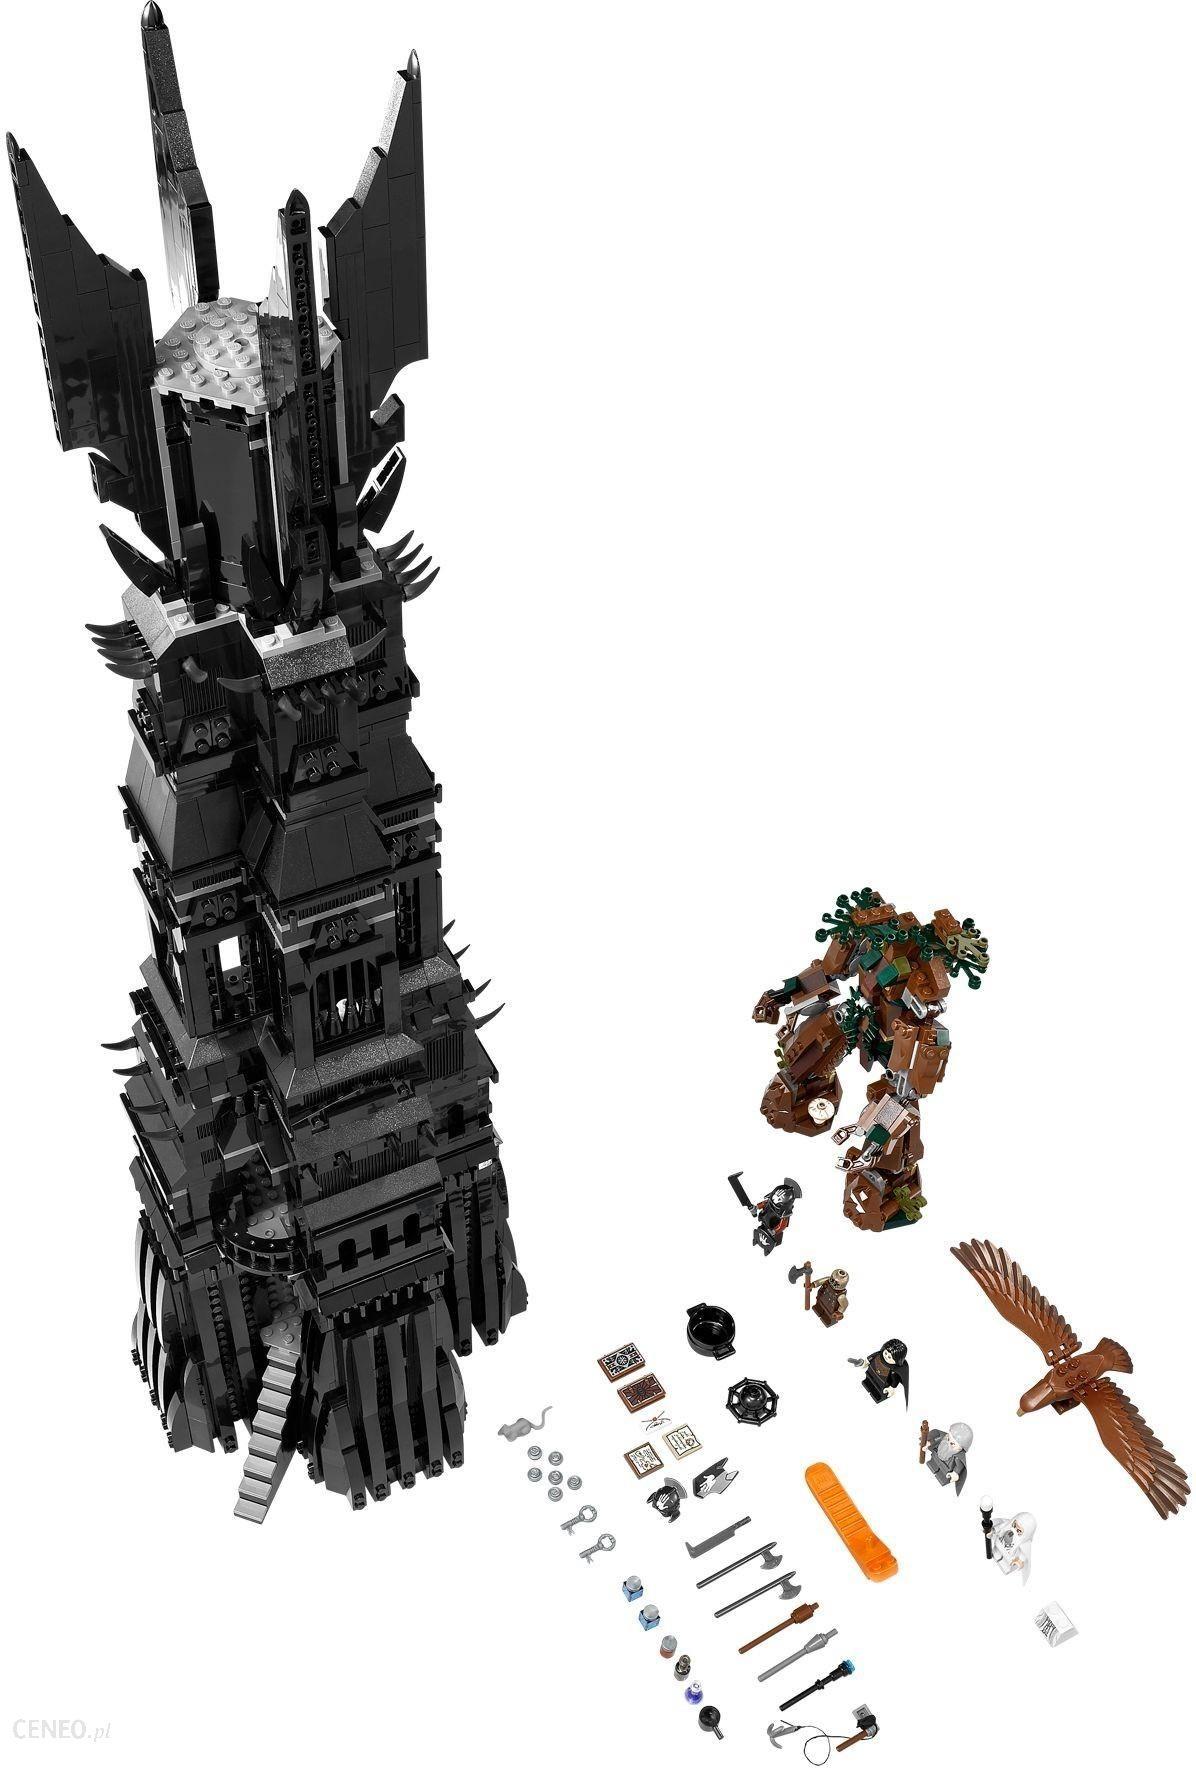 Klocki Lego Władca Pierścieni The Tower Of Orthanc 10237 Ceny I